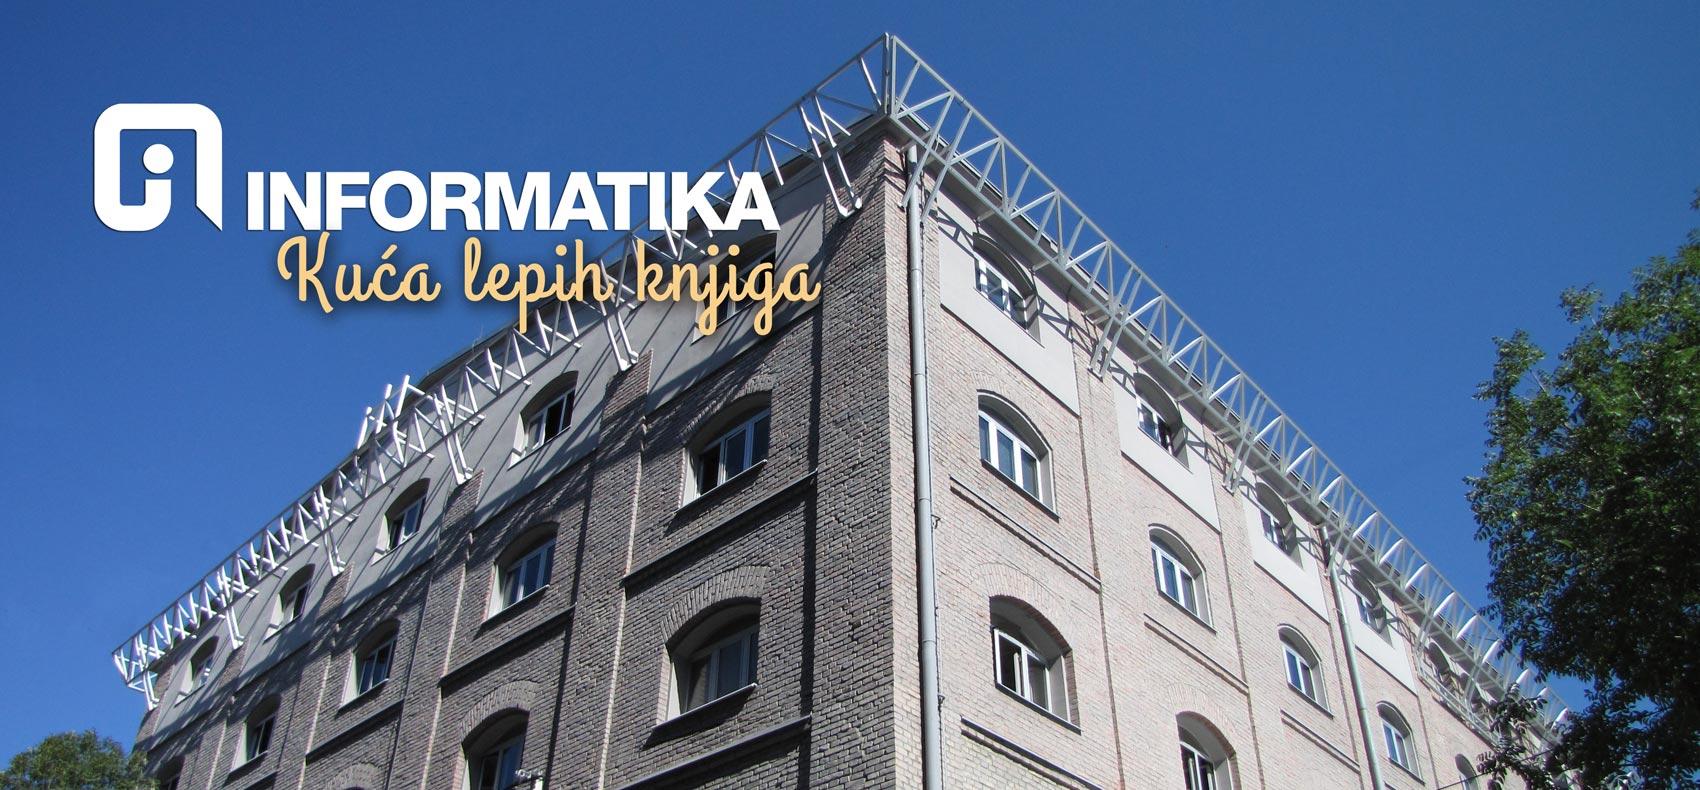 Zgrada Informatika a.d.